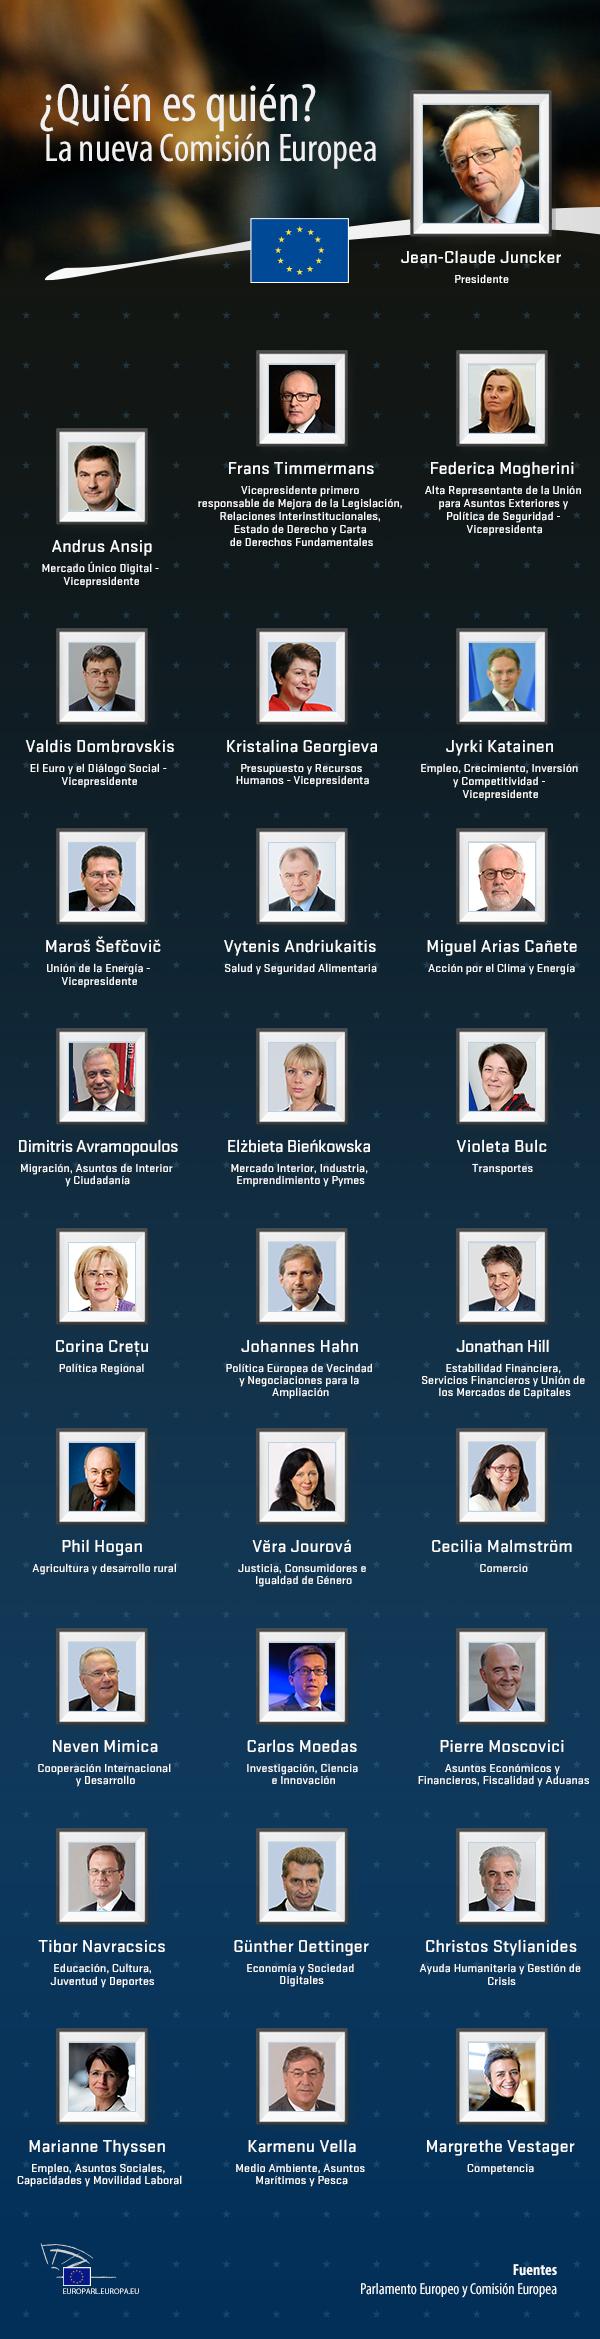 La nueva Comisión Europea y sus comisarios.